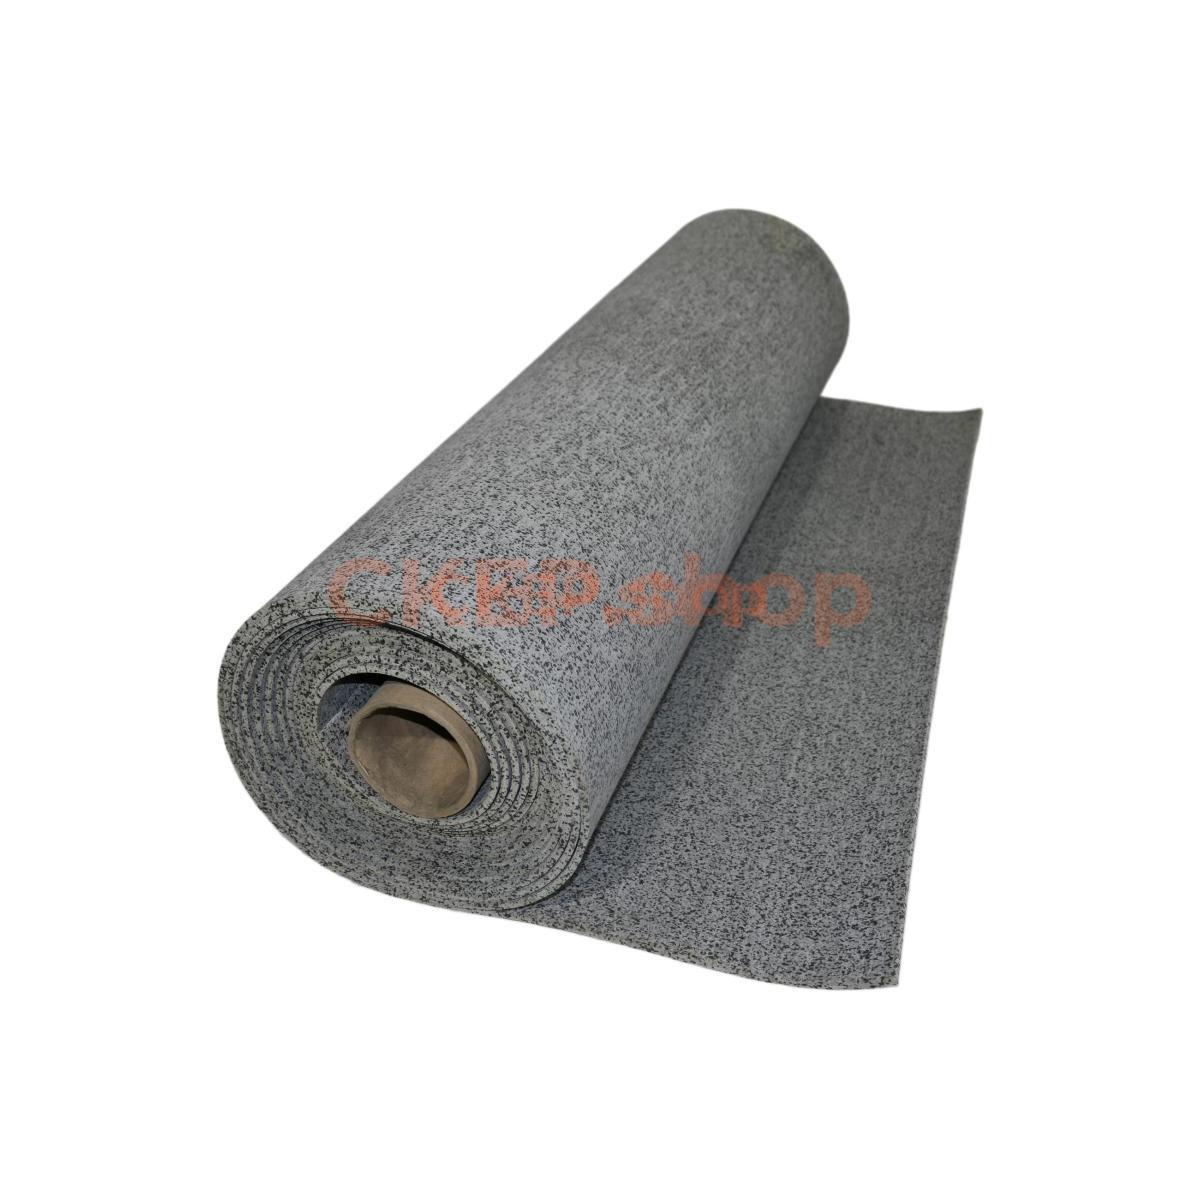 Рулонное резиновое покрытие EPDM 100%, 6 мм, серое 85% + черное 15%